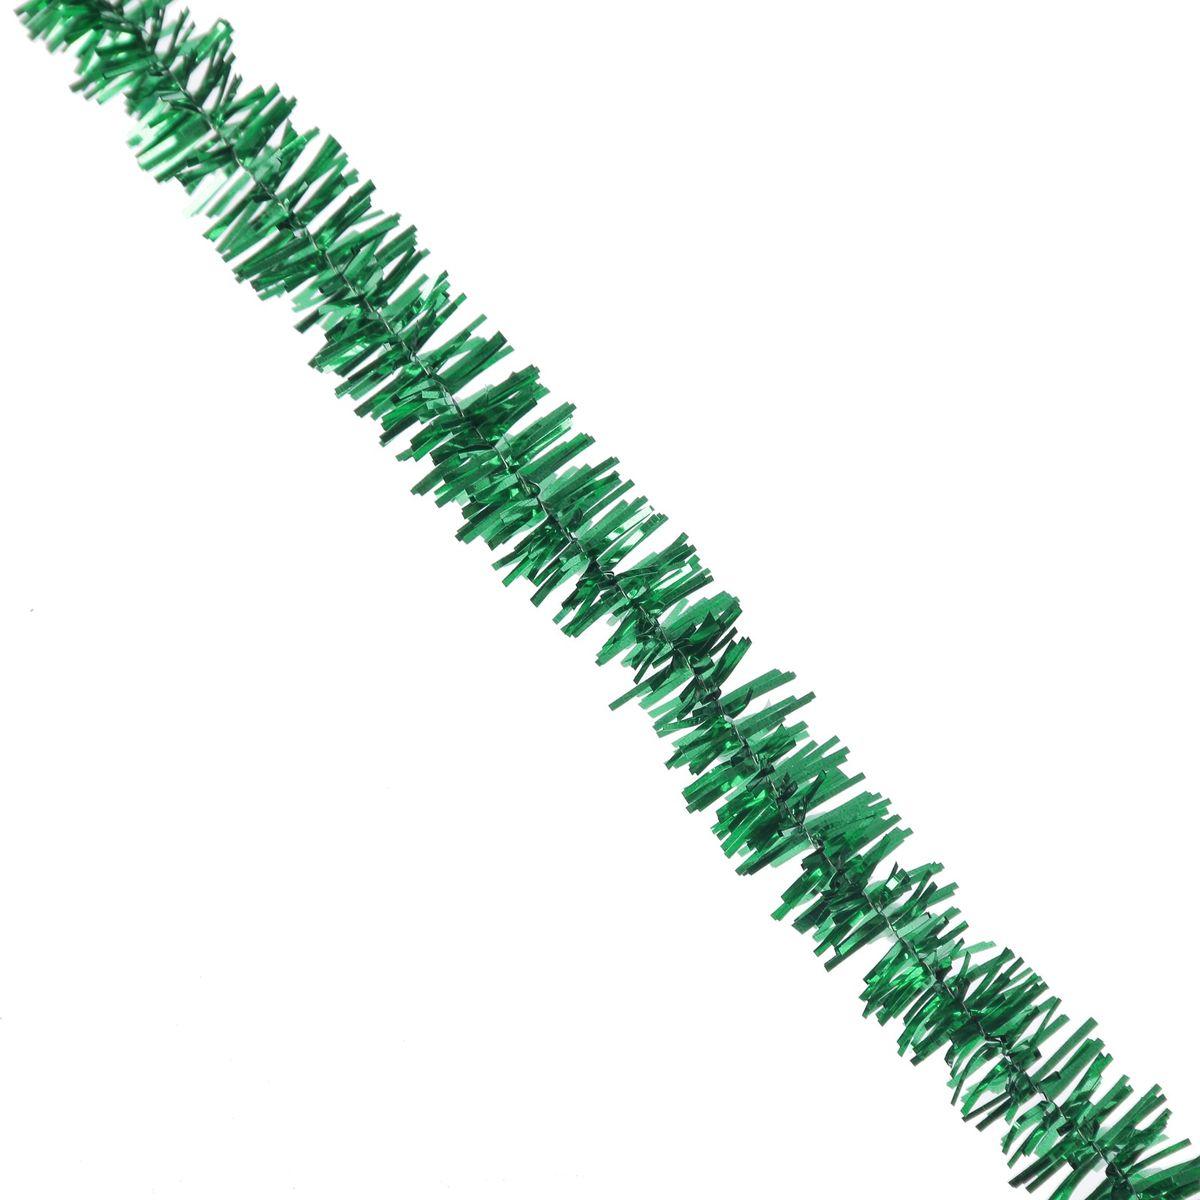 Мишура новогодняя Sima-land, цвет: золотистый, зеленый, диаметр 1,5 см, длина 127 см. 701303701303_золотистый, зеленыйМишура новогодняя Sima-land, выполненная из фольги, поможет вам украсить свой дом к предстоящим праздникам. Мишура армирована, то есть имеет проволоку внутри и способна сохранять приданную ей форму. Новогодняя елка с таким украшением станет еще наряднее. Новогодней мишурой можно украсить все, что угодно - елку, квартиру, дачу, офис - как внутри, так и снаружи. Можно сложить новогодние поздравления, буквы и цифры, мишурой можно украсить и дополнить гирлянды, можно выделить дверные колонны, оплести дверные проемы.